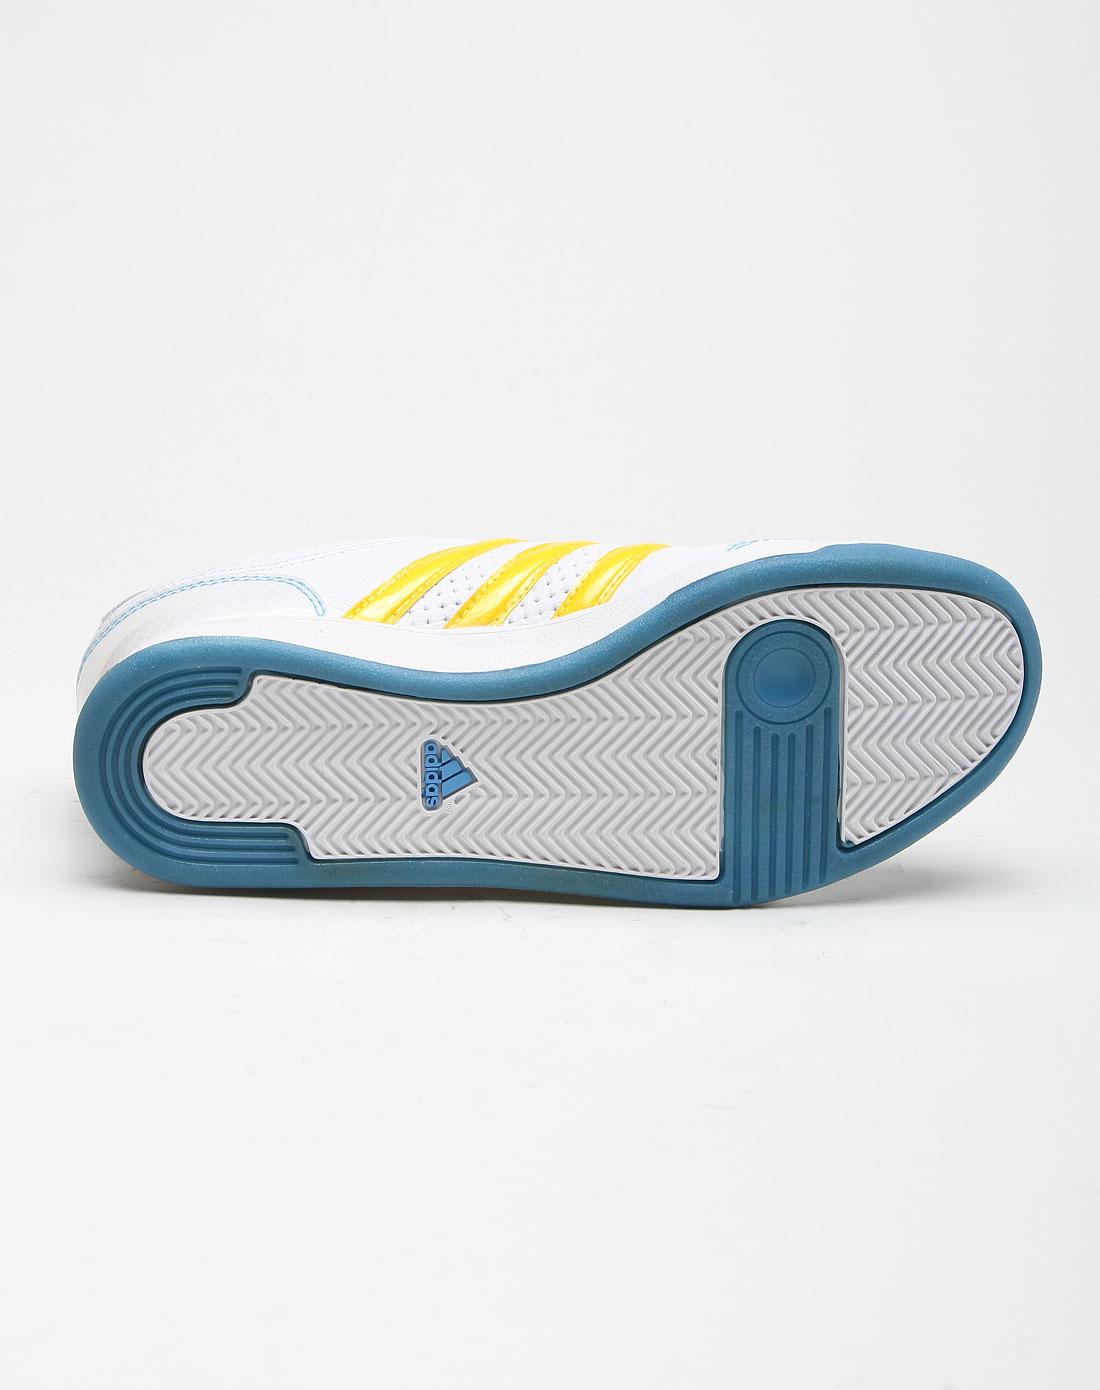 阿迪达斯adidas经典透气白底黄色运动鞋u43814